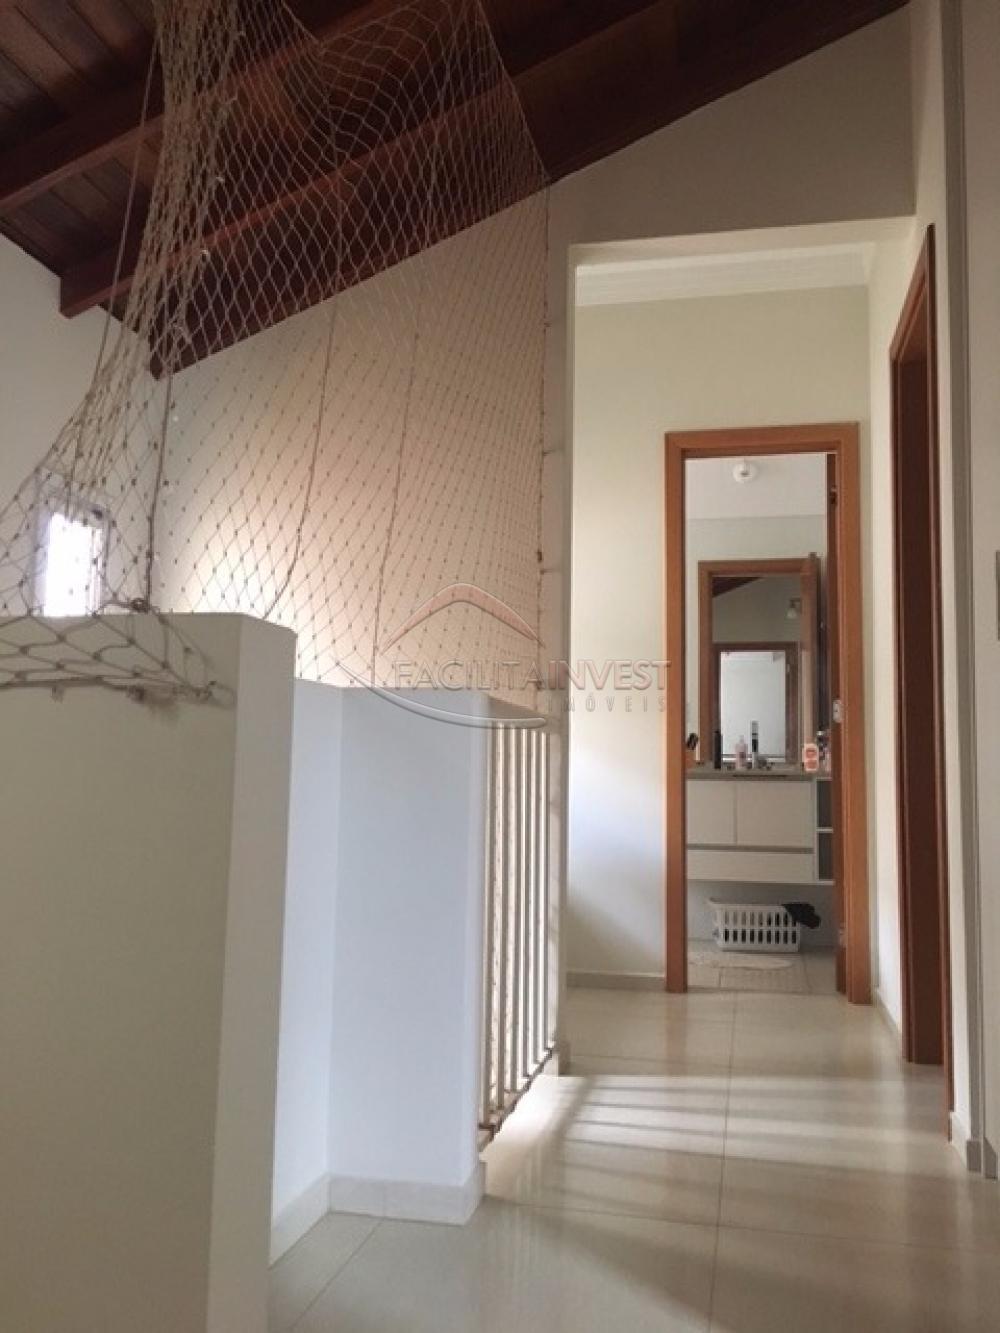 Comprar Casa Condomínio / Casa Condomínio em Ribeirão Preto apenas R$ 540.000,00 - Foto 7